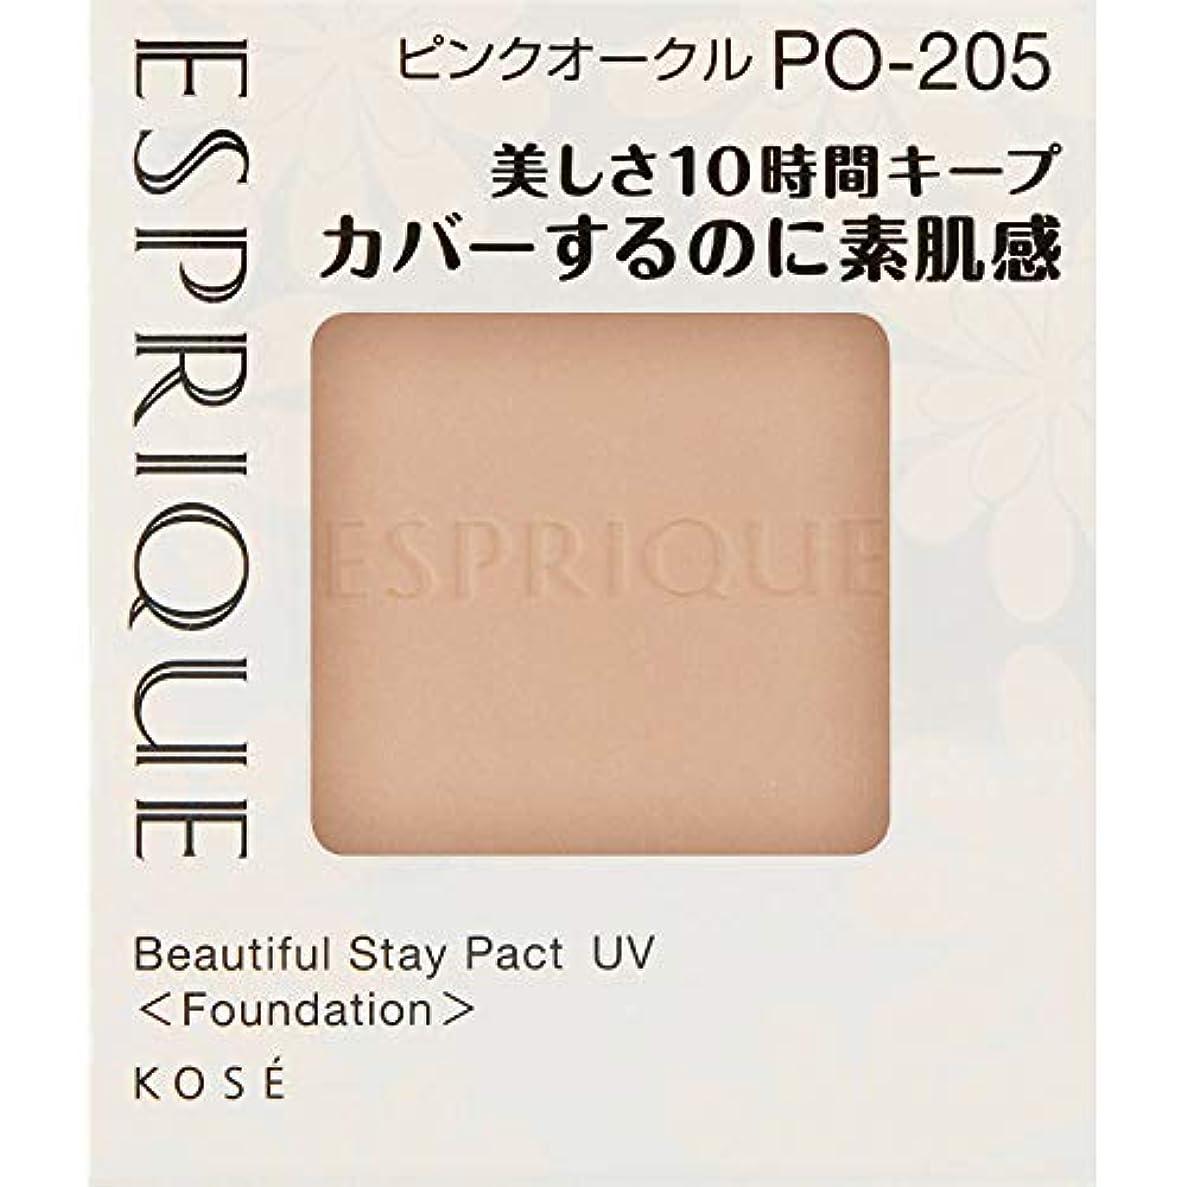 製造主流証言するエスプリーク カバーするのに素肌感持続 パクト UV PO-205 ピンクオークル 9.3g